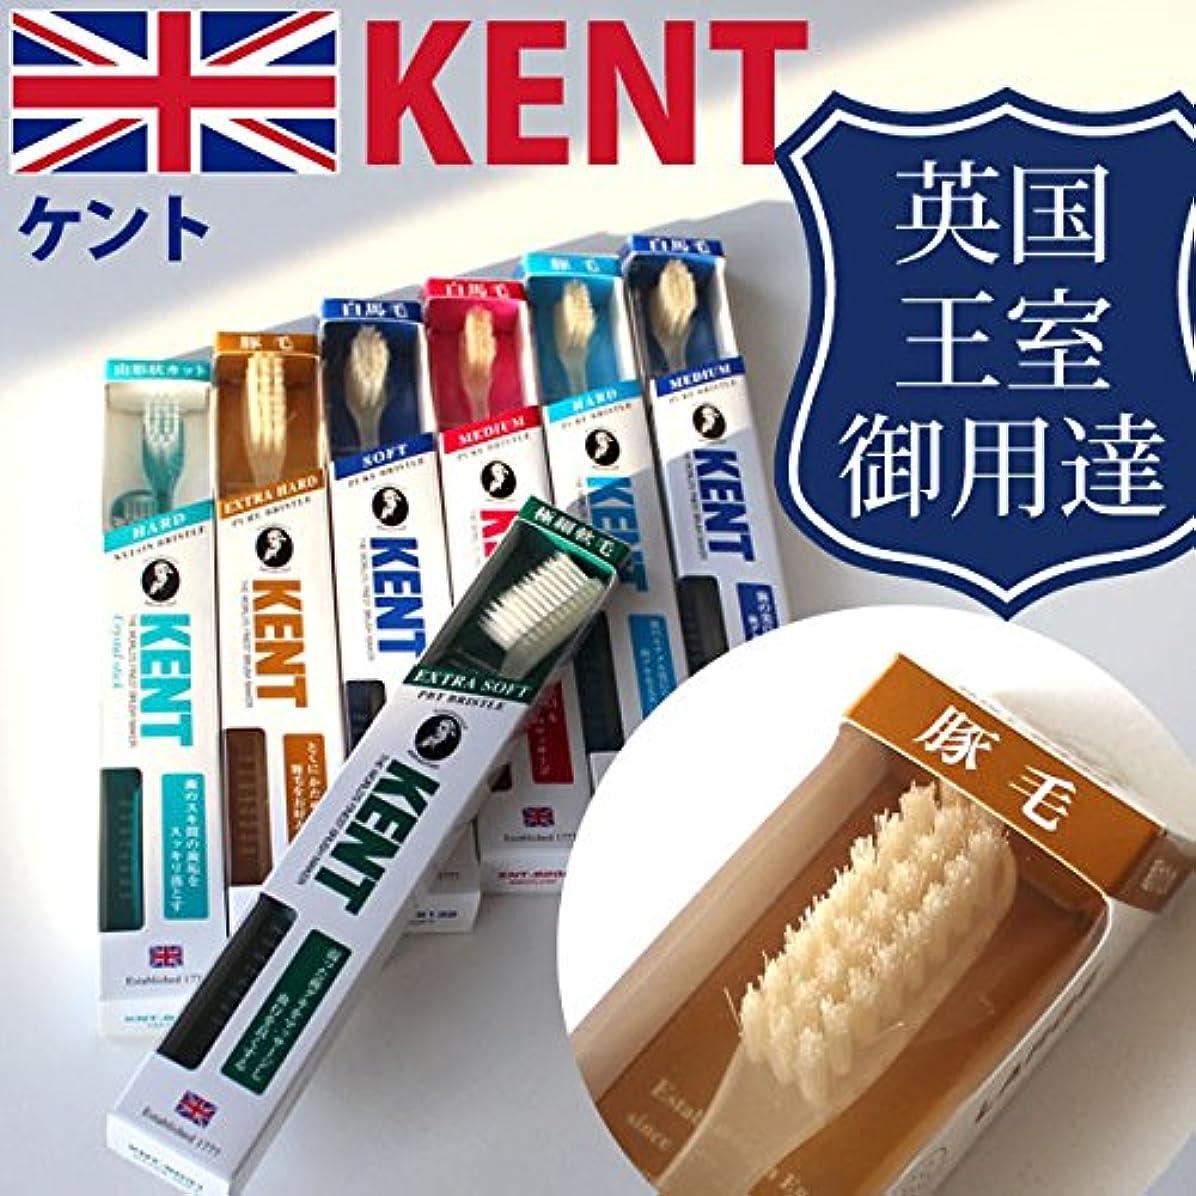 異議レーダーチチカカ湖ケント KENT 豚毛 コンパクト 歯ブラシKNT-9233/9833 6本入り 他の天然毛の歯ブラシに比べて細かく磨 ふつう